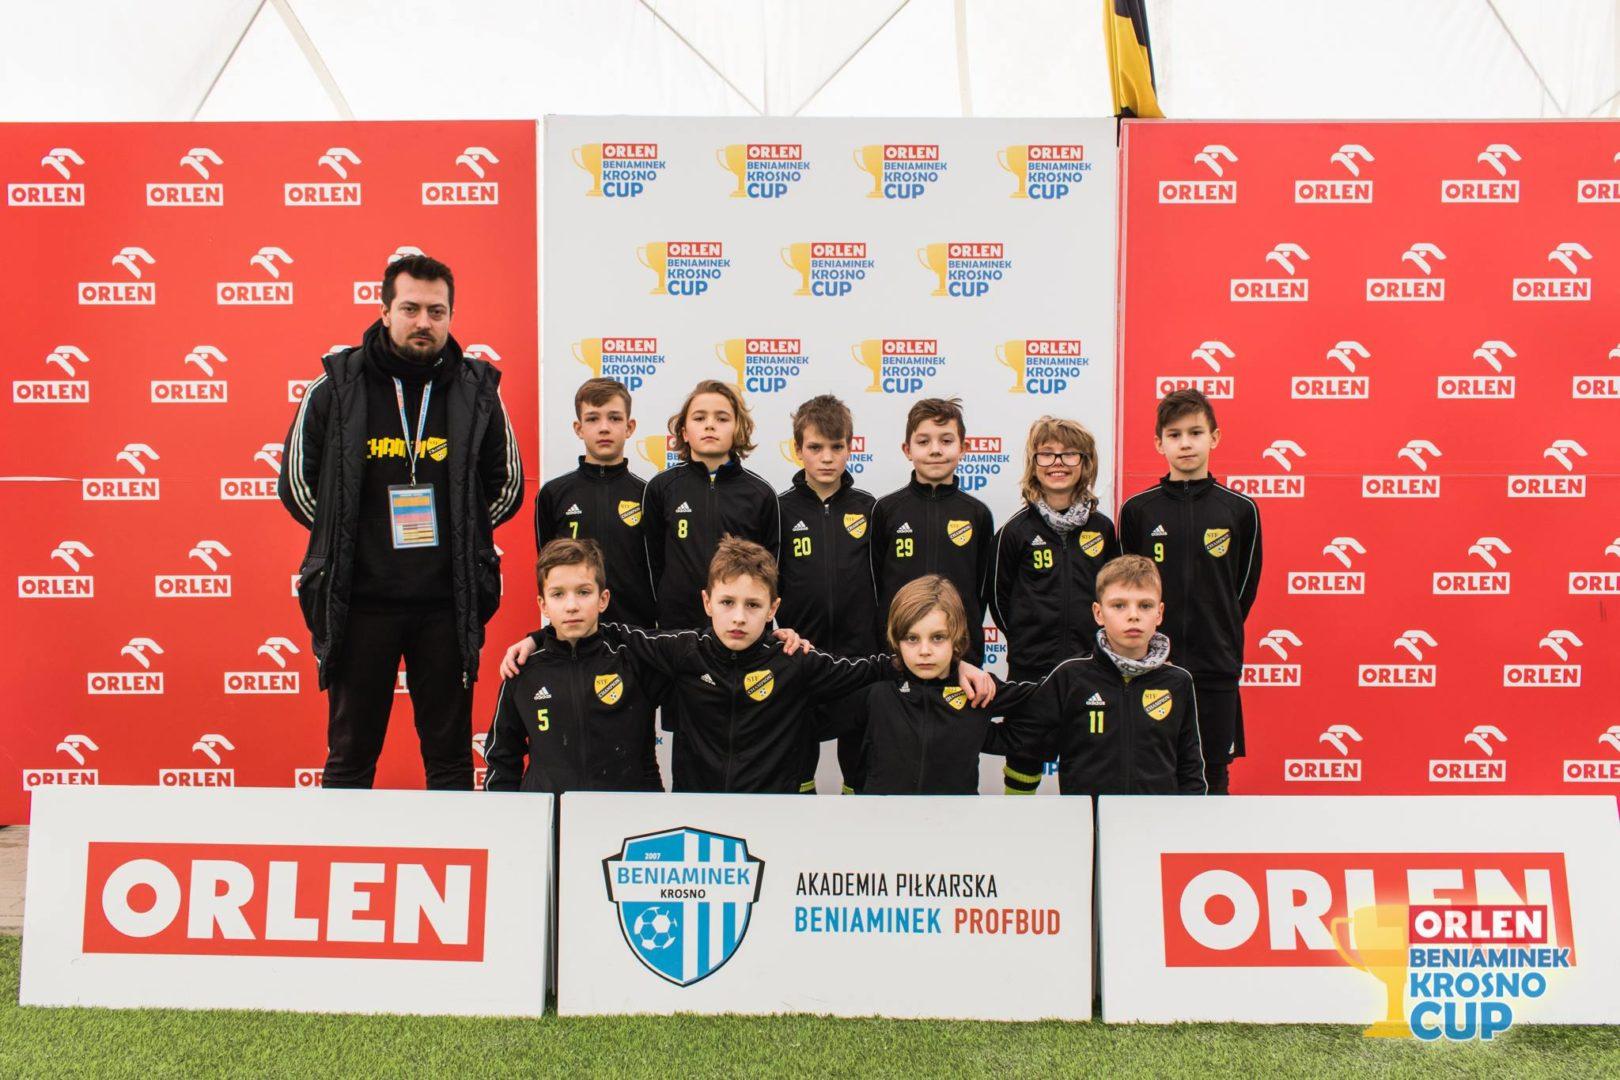 Zwycięstwo w Srebrnej grupie w turnieju Orlen Beniaminek Krosno Cup